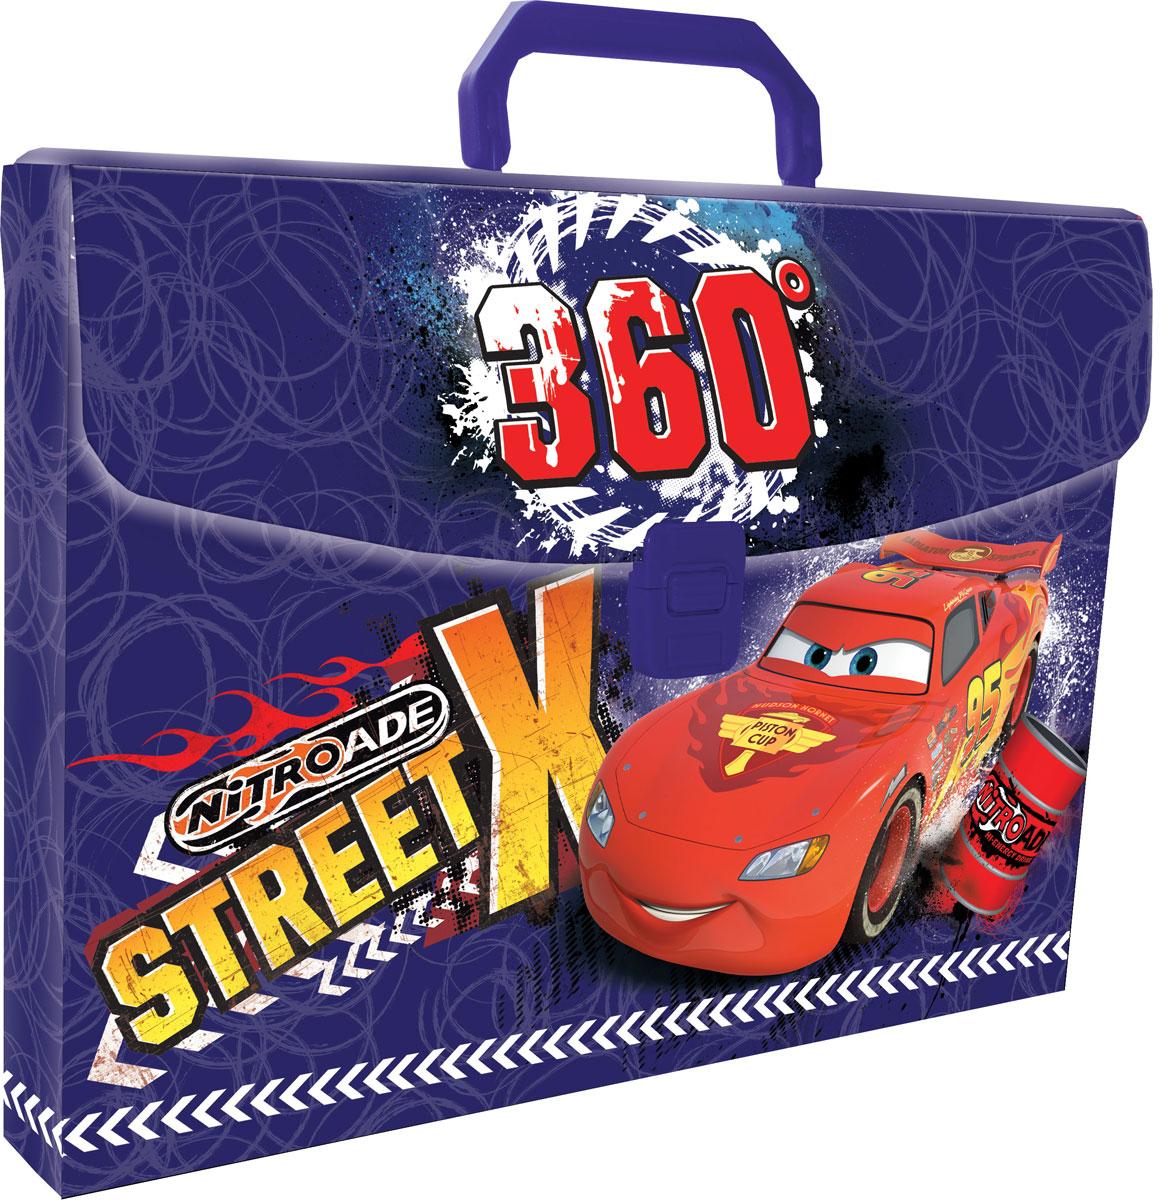 Папка-портфель Cars. Формат А4CRCB-US1-PLB-FB65Легкая папка-портфель Cars - удобный и практичный вариант для транспортировки и хранения различных бумаг и вещей максимального формата А4. Папка прямоугольной формы выполнена из прочного полипропилена и оформлена изображением Молнии МакКуина - персонажа популярного мультфильма Cars (Тачки). Папка-портфель содержит одно вместительное отделение и закрывается с помощью пластиковой защелки. Надежная пластиковая ручка делает транспортировку школьных принадлежностей максимально комфортной и удобной.